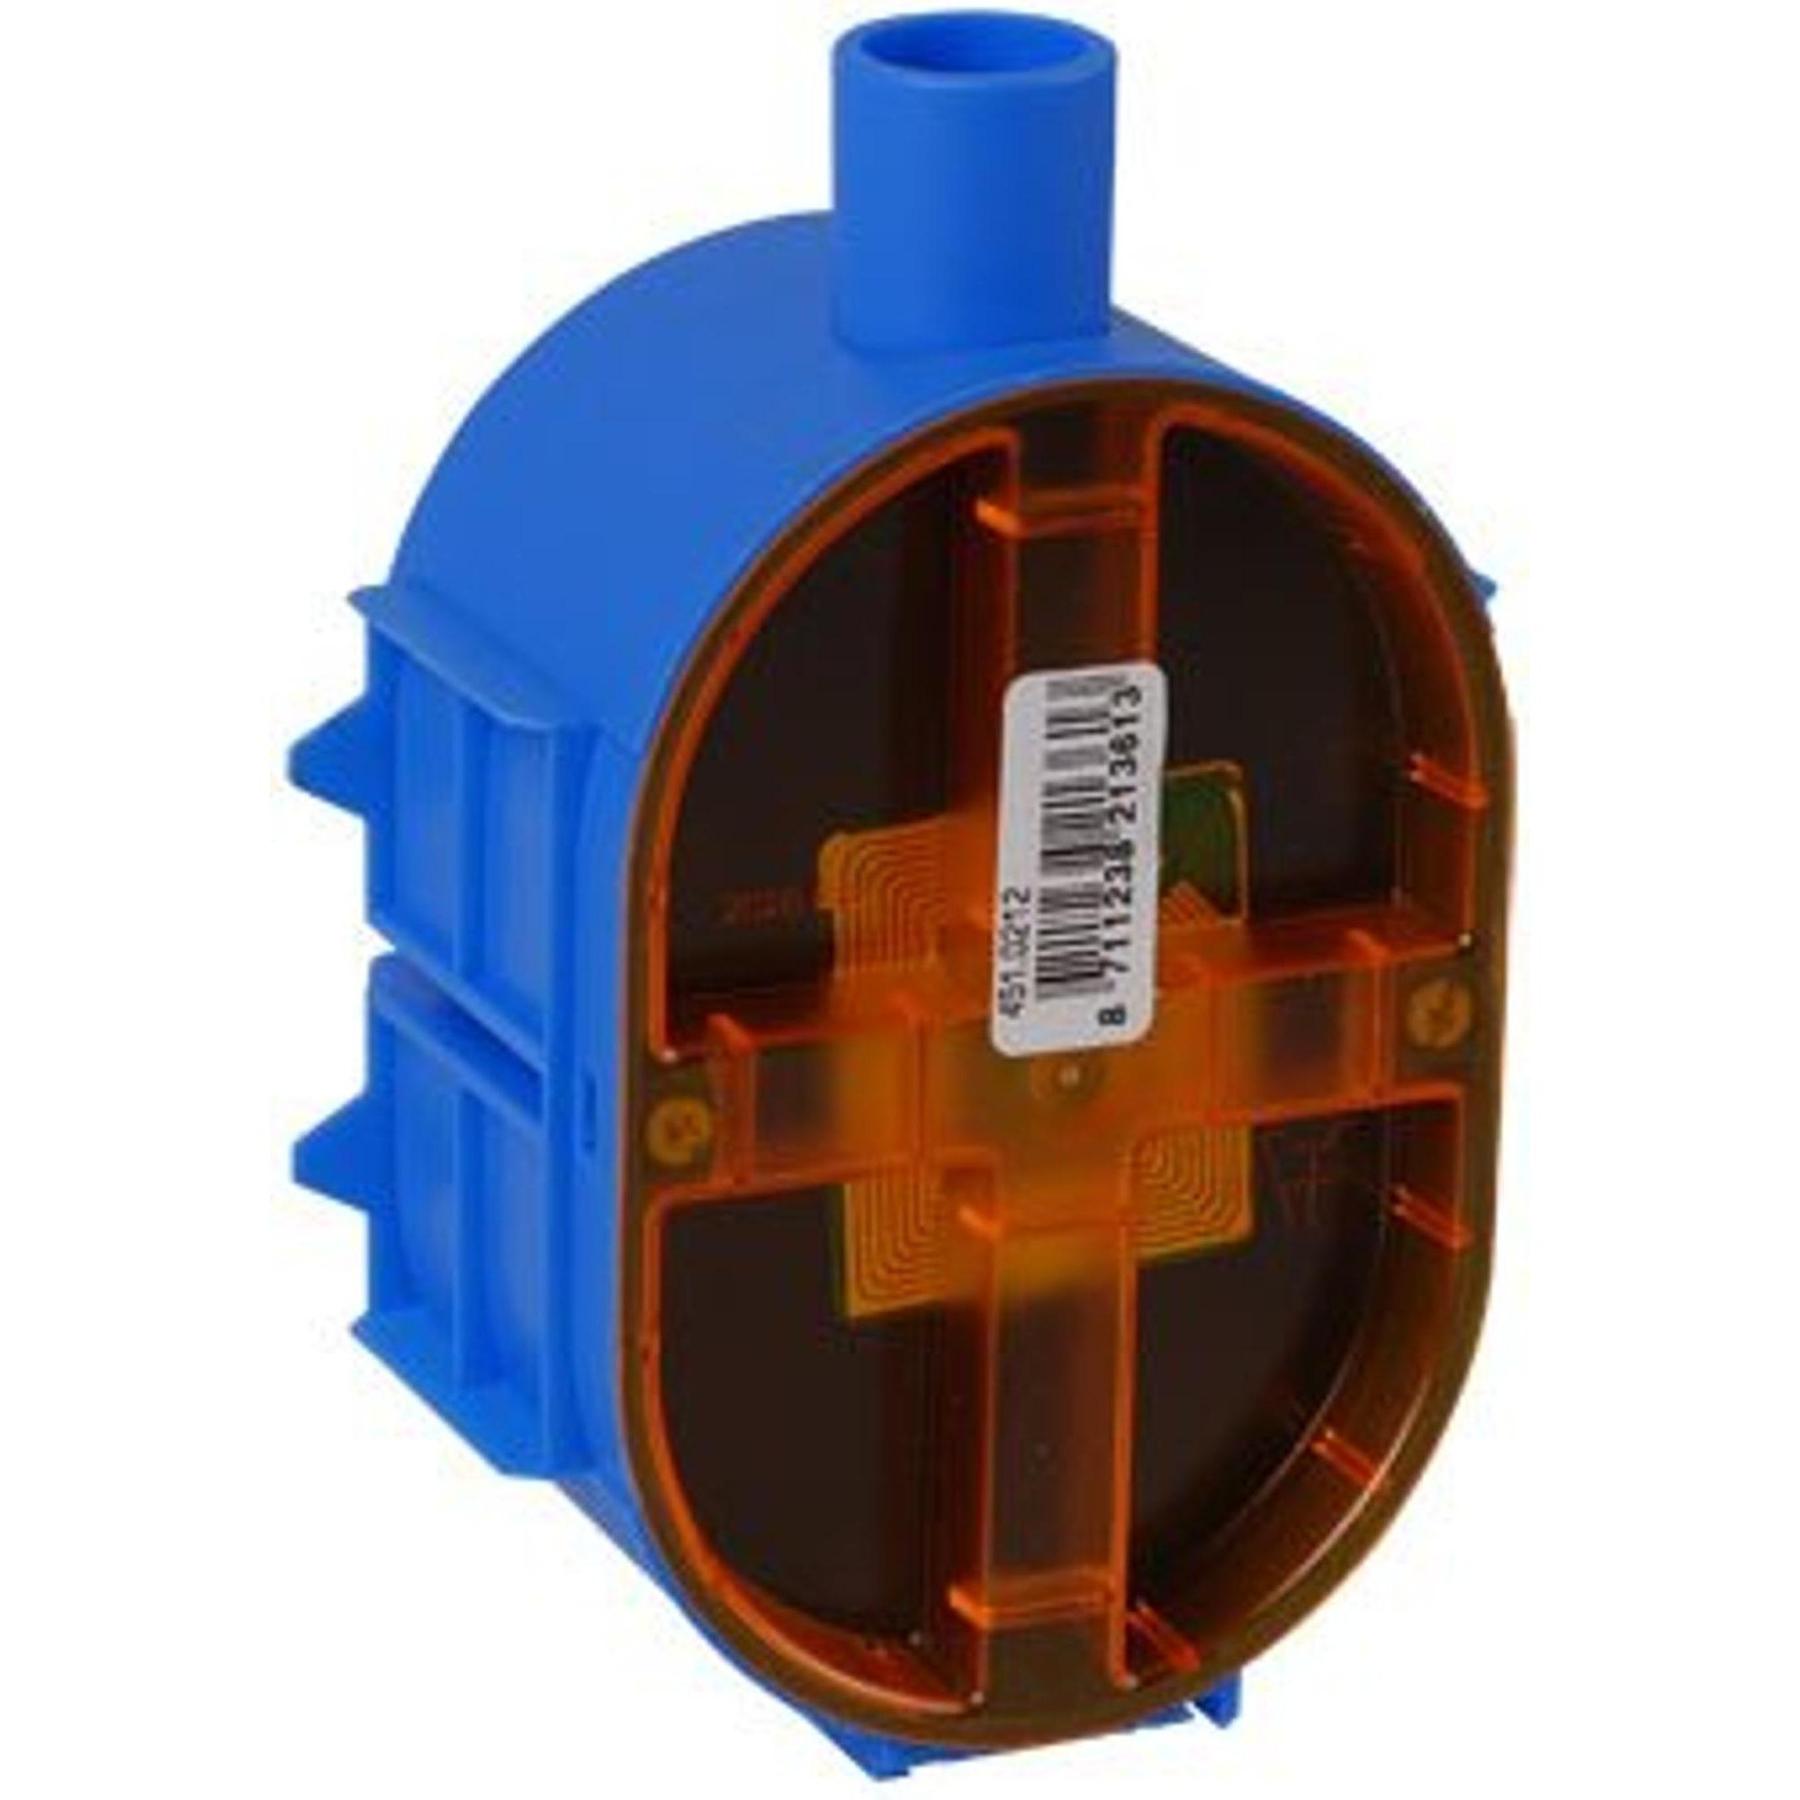 https://static.rorix.nl/image/product/plieger/1800x1800/4510212.jpg/inbouwdoos-h150-ovaal-16mm-5-8-met-label-inbouwdoos-ovaal-h150-b-4510212.jpg